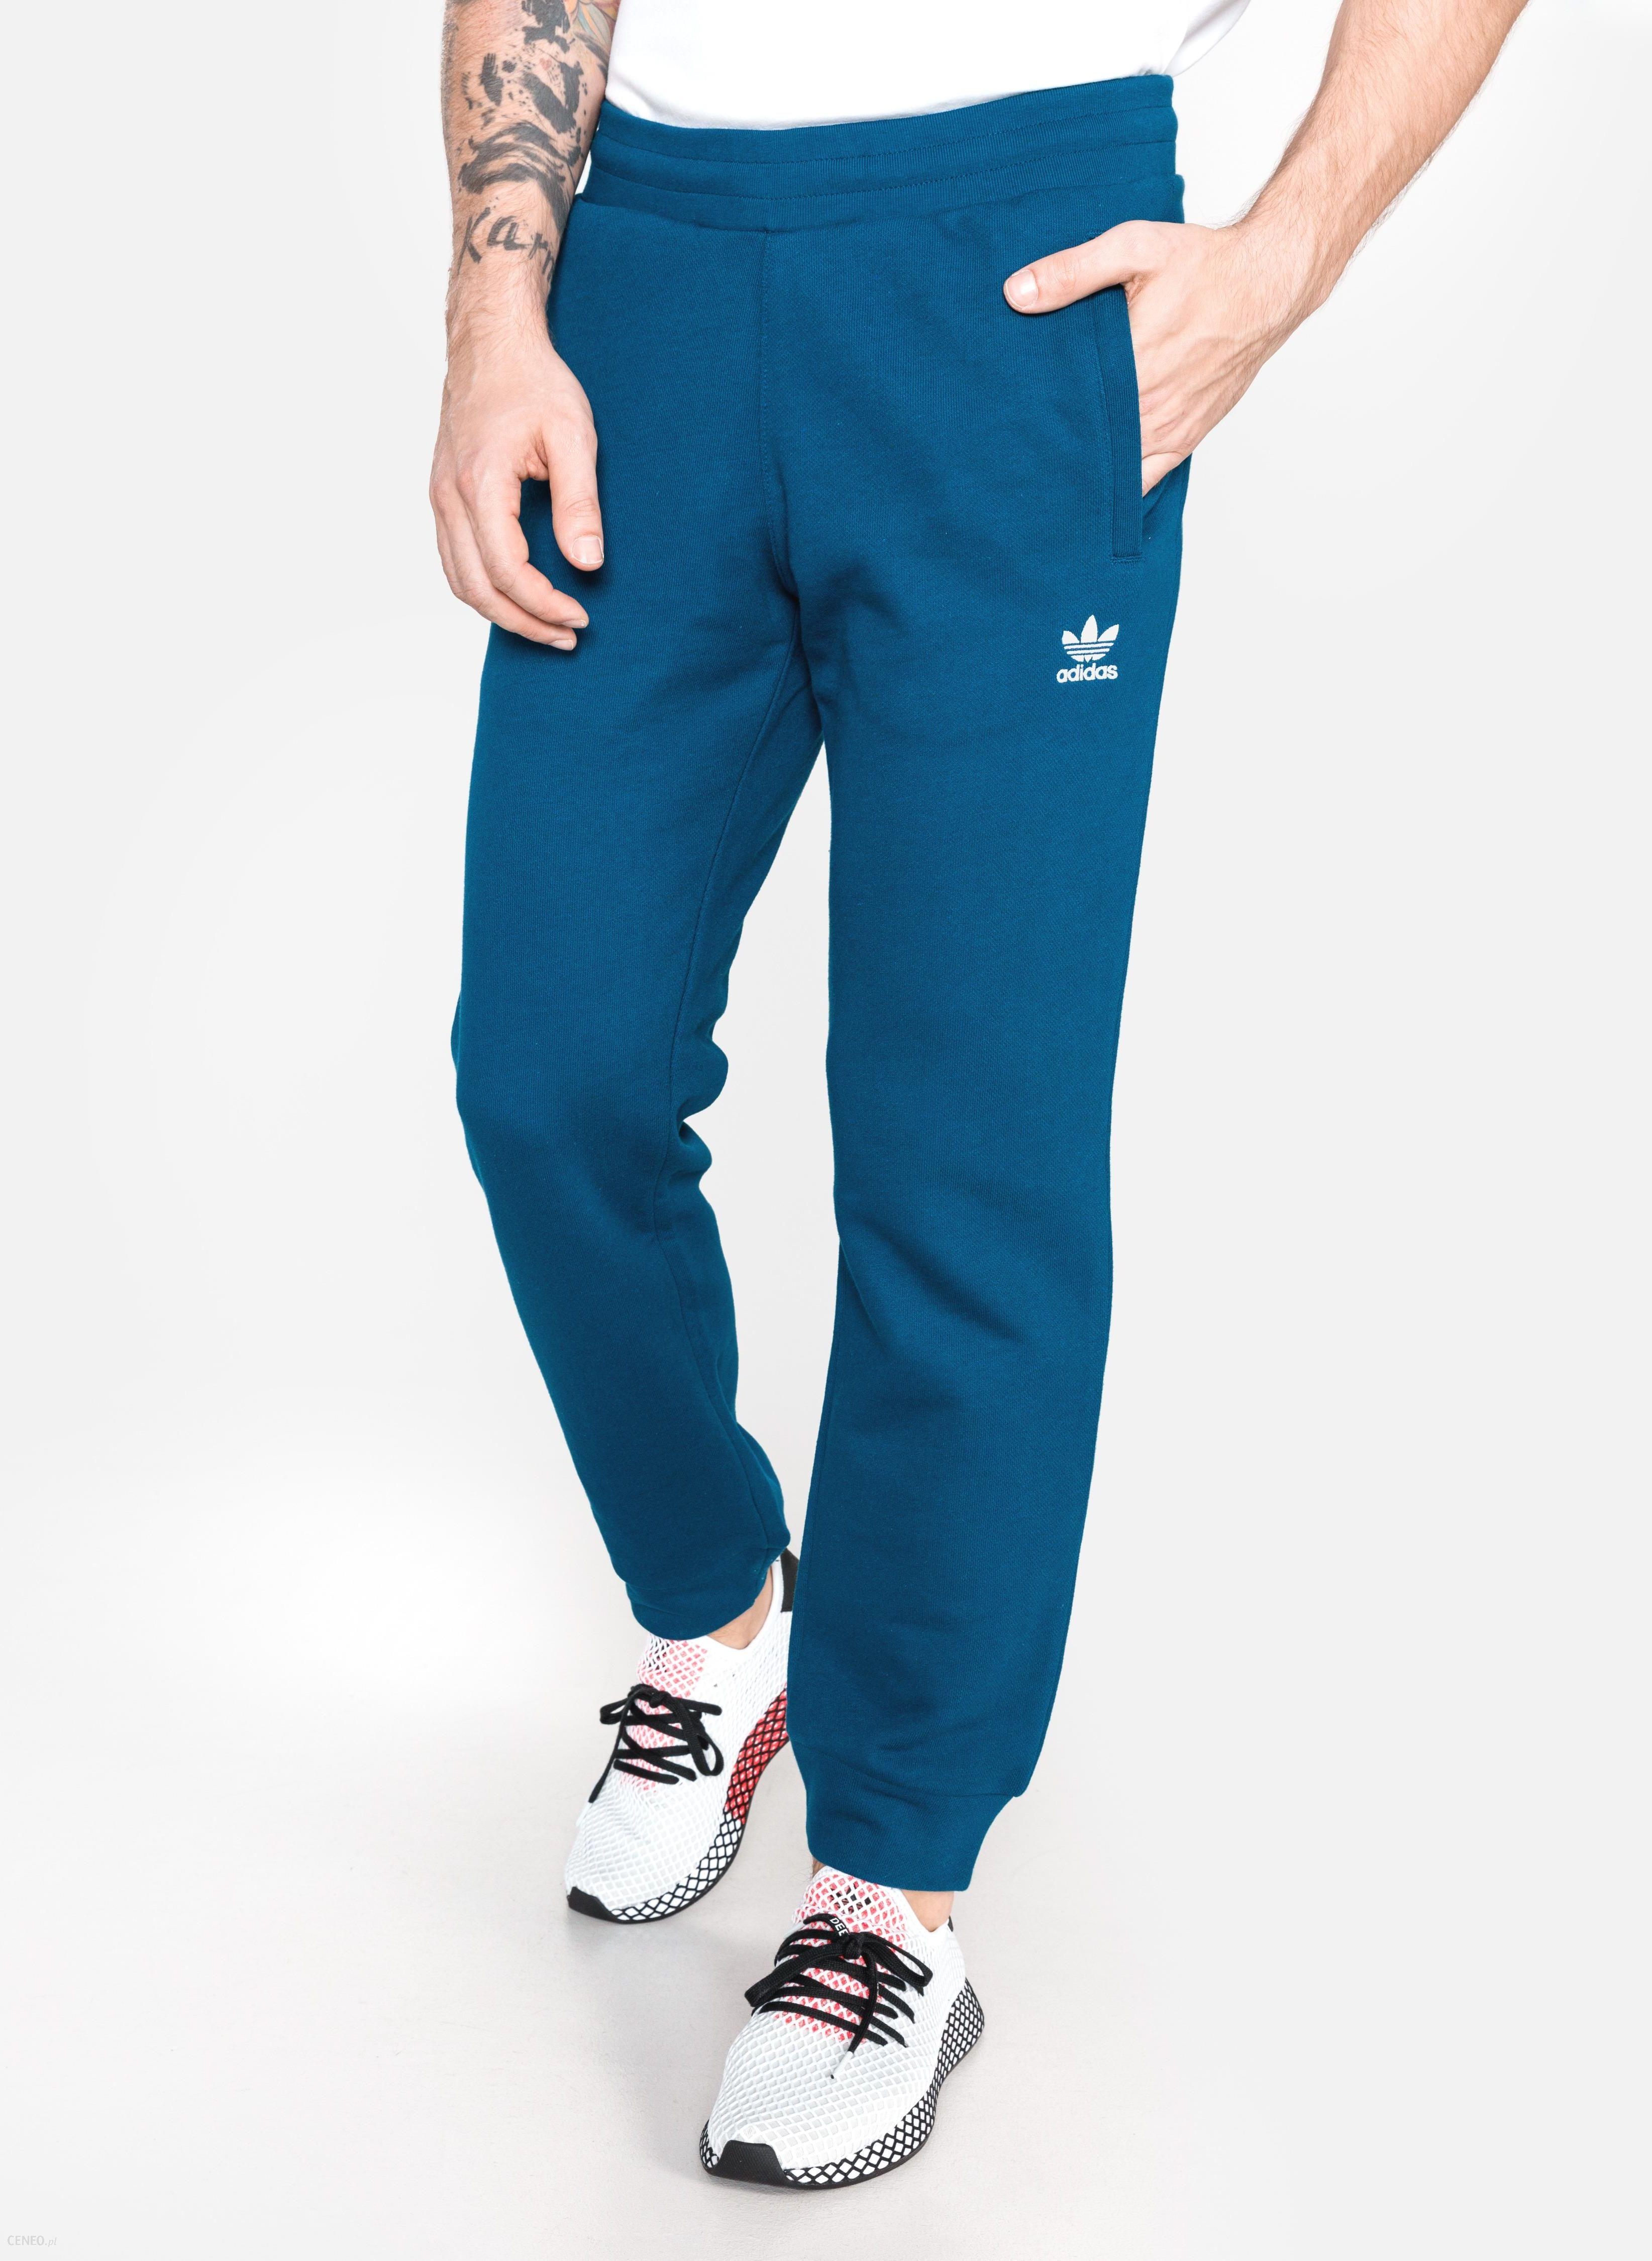 Adidas Originals Trefoil Spodnie dresowe Niebieski M Ceny i opinie Ceneo.pl